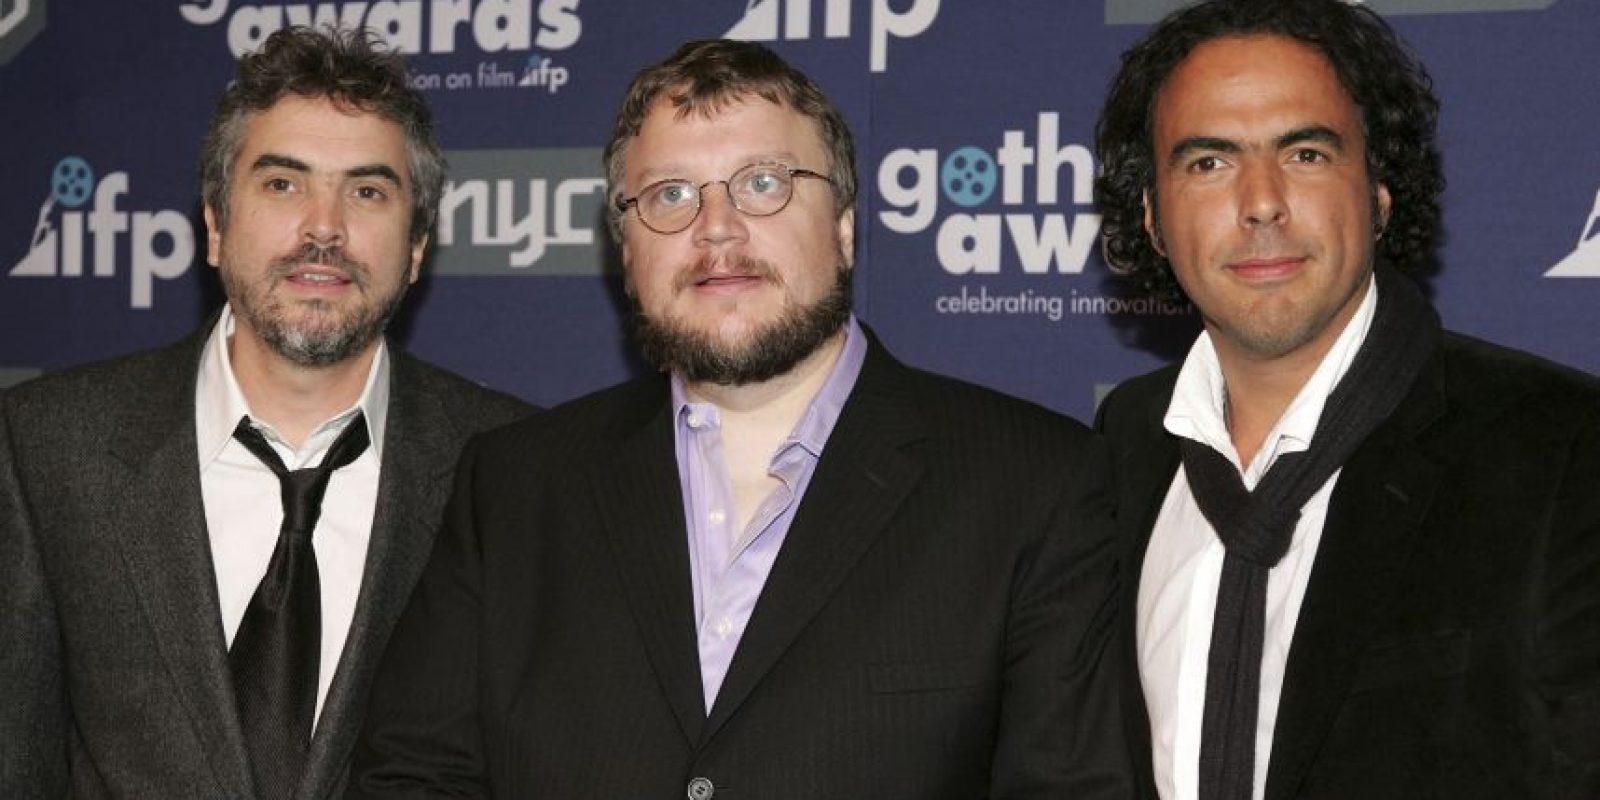 Cuarón, Del Toro e Iñárritu en 2006. Ese año estrenaron Children of men, El laberinto del fauno y Babel, respectivamente. Foto:Getty Images